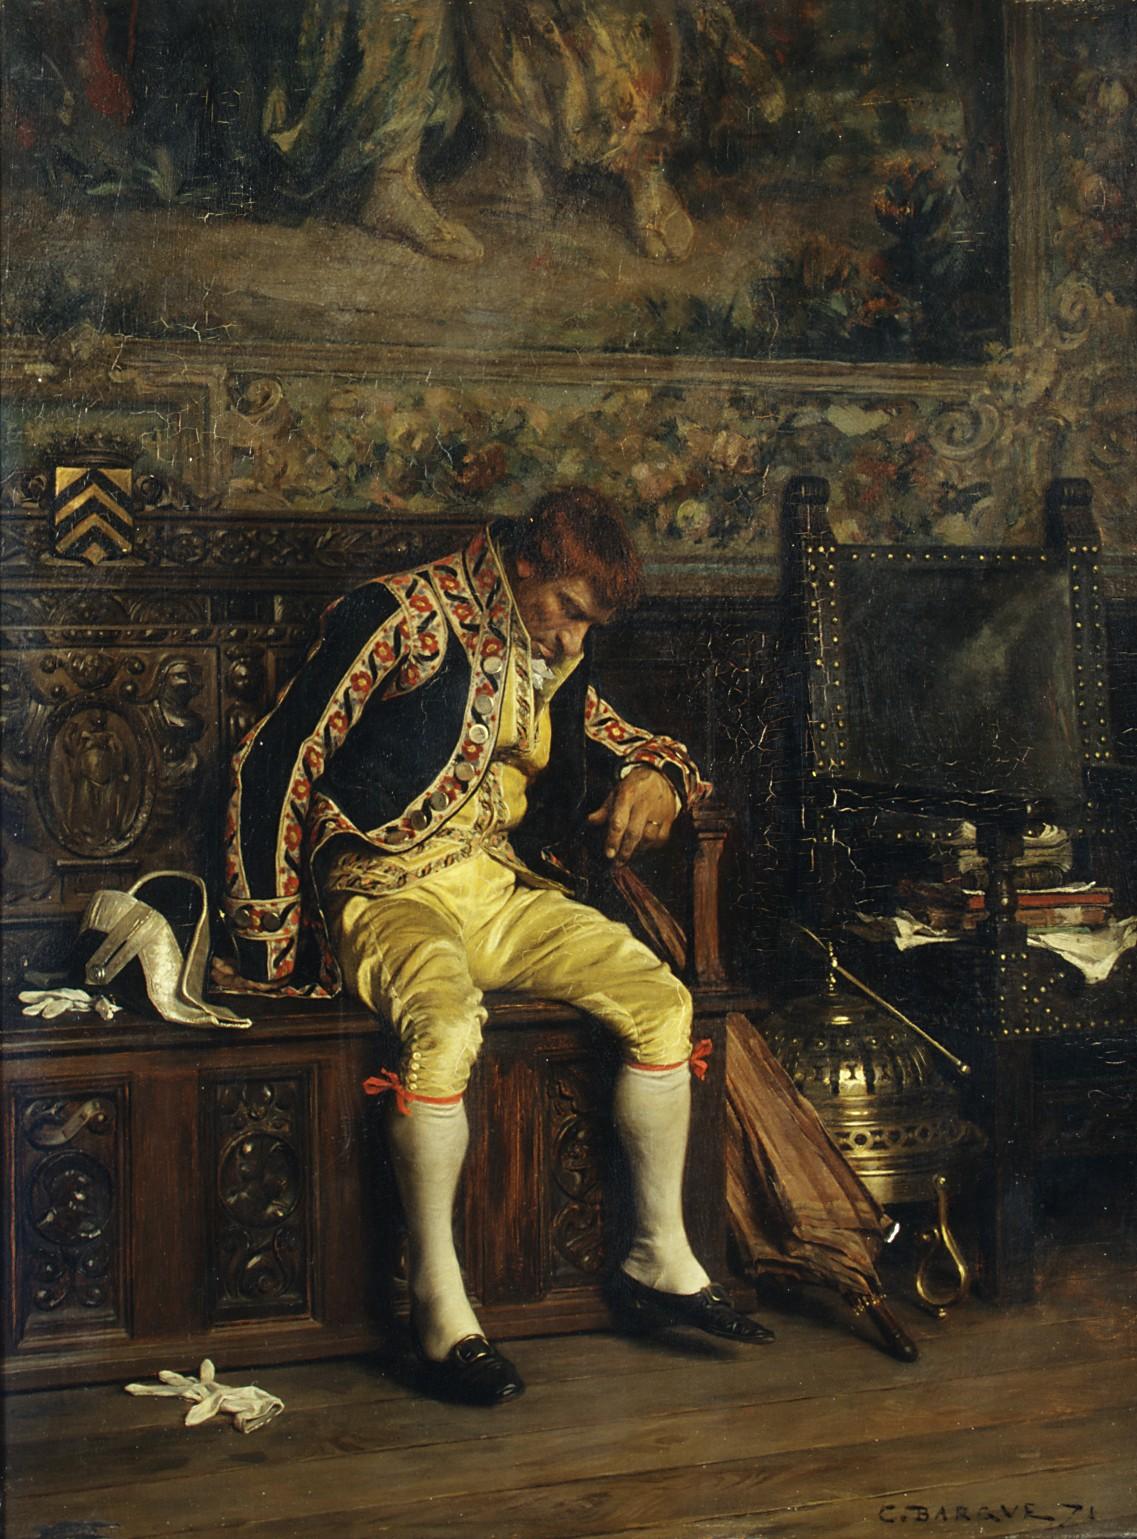 Charles Bargue | A Footman Sleeping | The Met